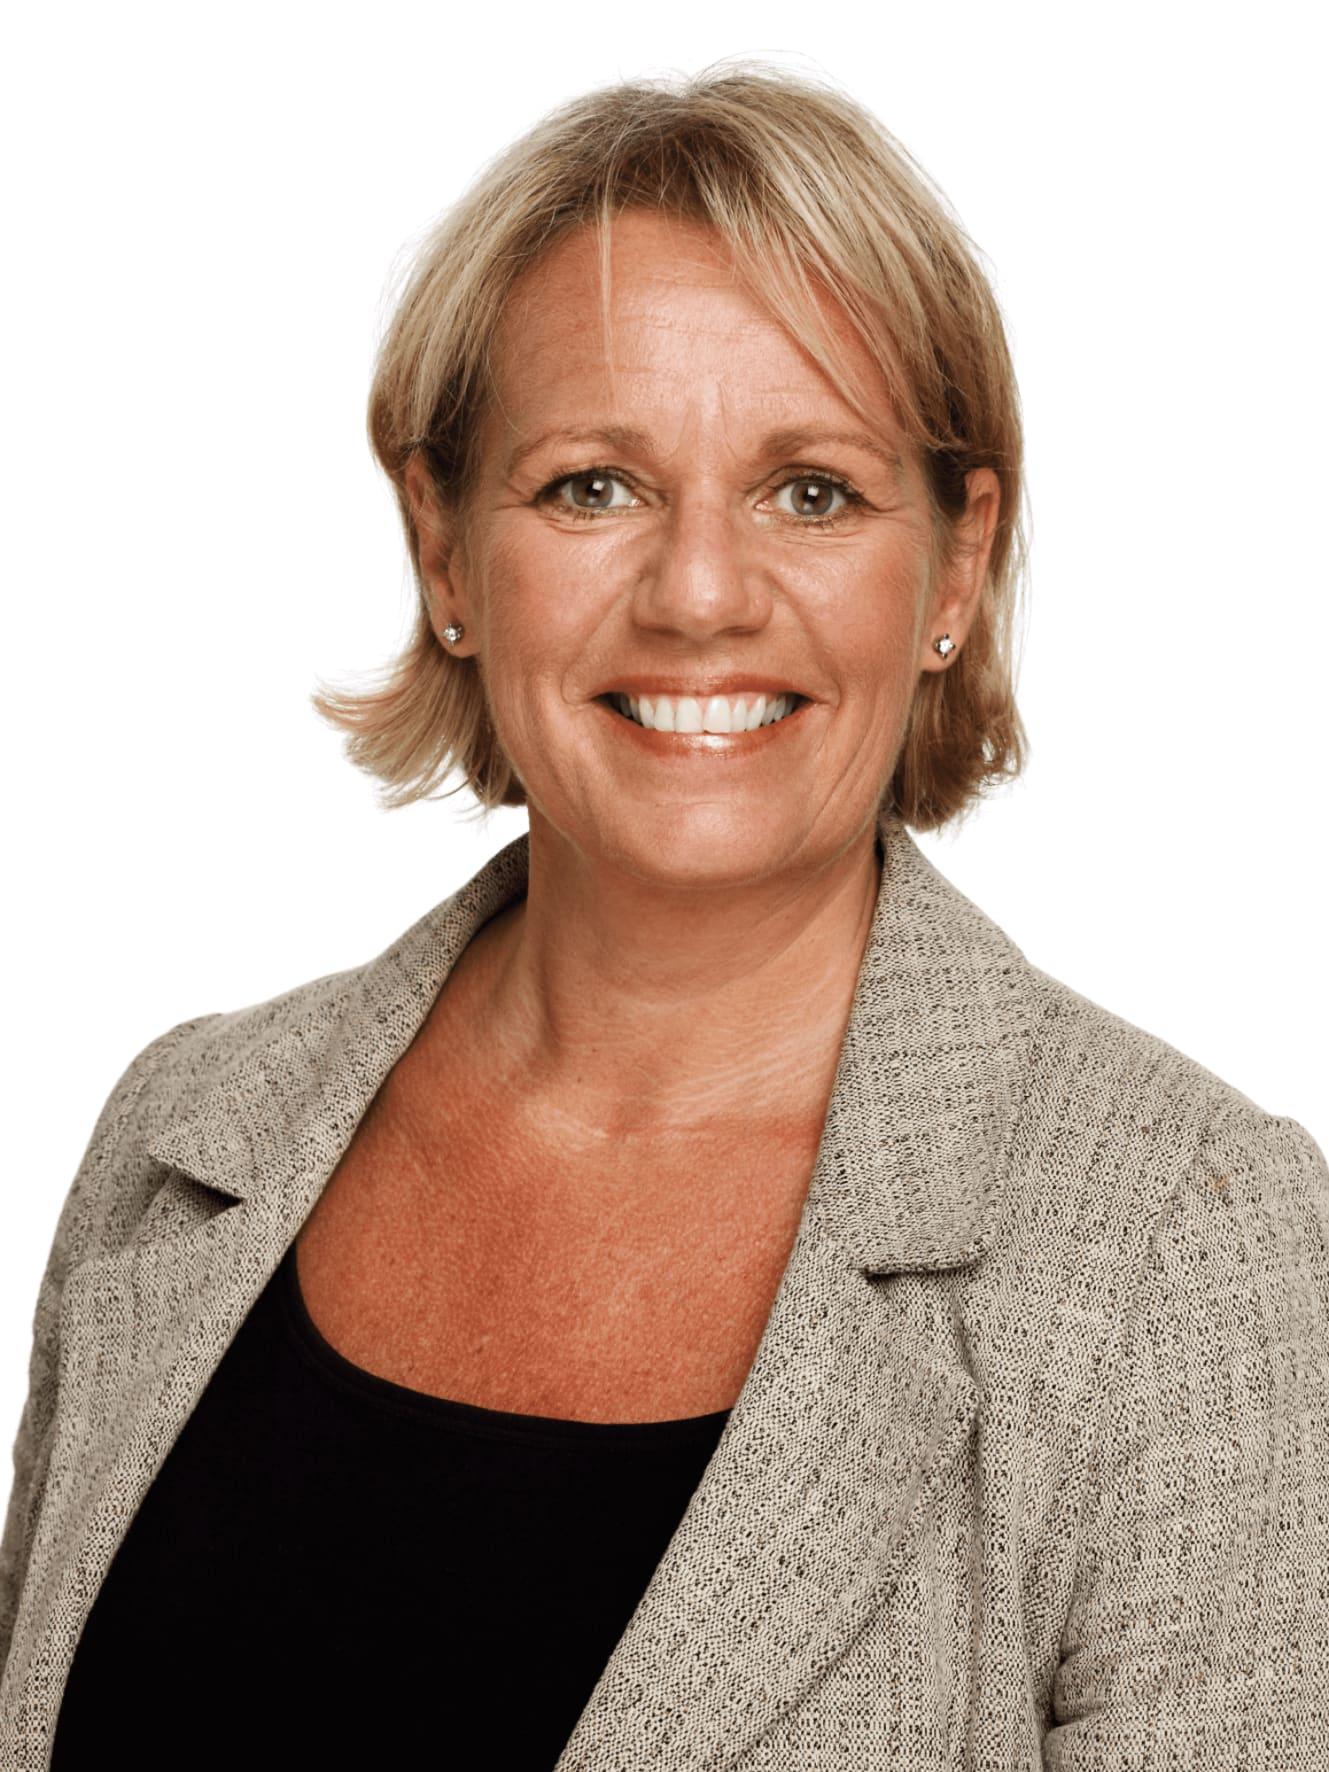 VERDSETTER KOMPETANSE: Annette Etholm er fagansvarlig fordel i Finansforbundet, og deler hvert år ut studiestipend til medlemmer i fagforeningen. I år er potten på fem millioner kroner. I tillegg kan du søke på gratis studieplass.